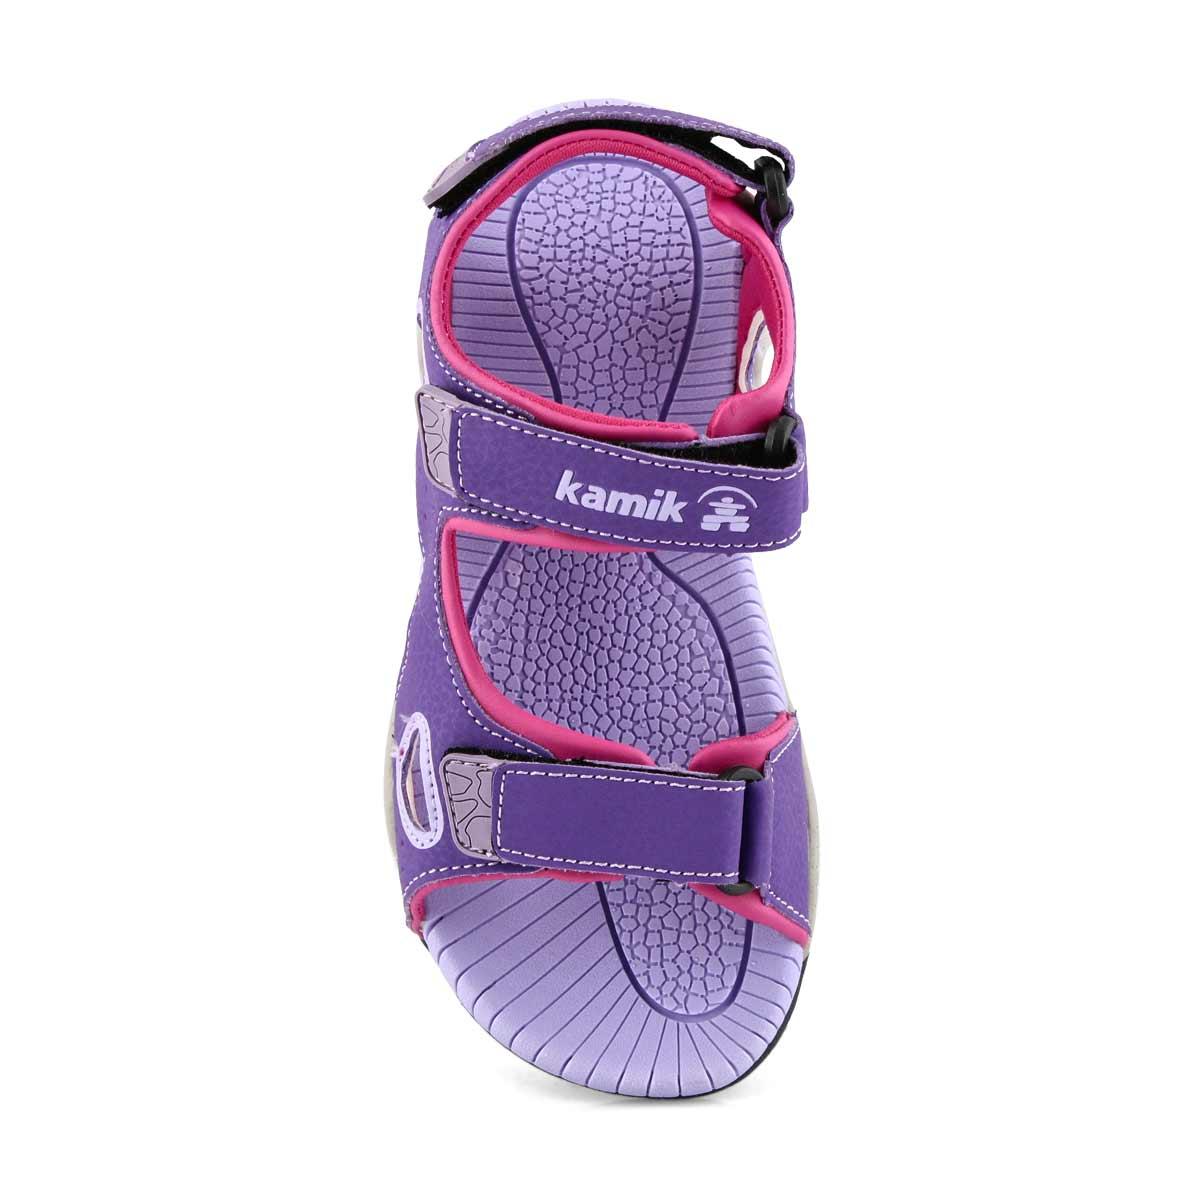 Girls' Lobster 2 Sport Sandal - Purple